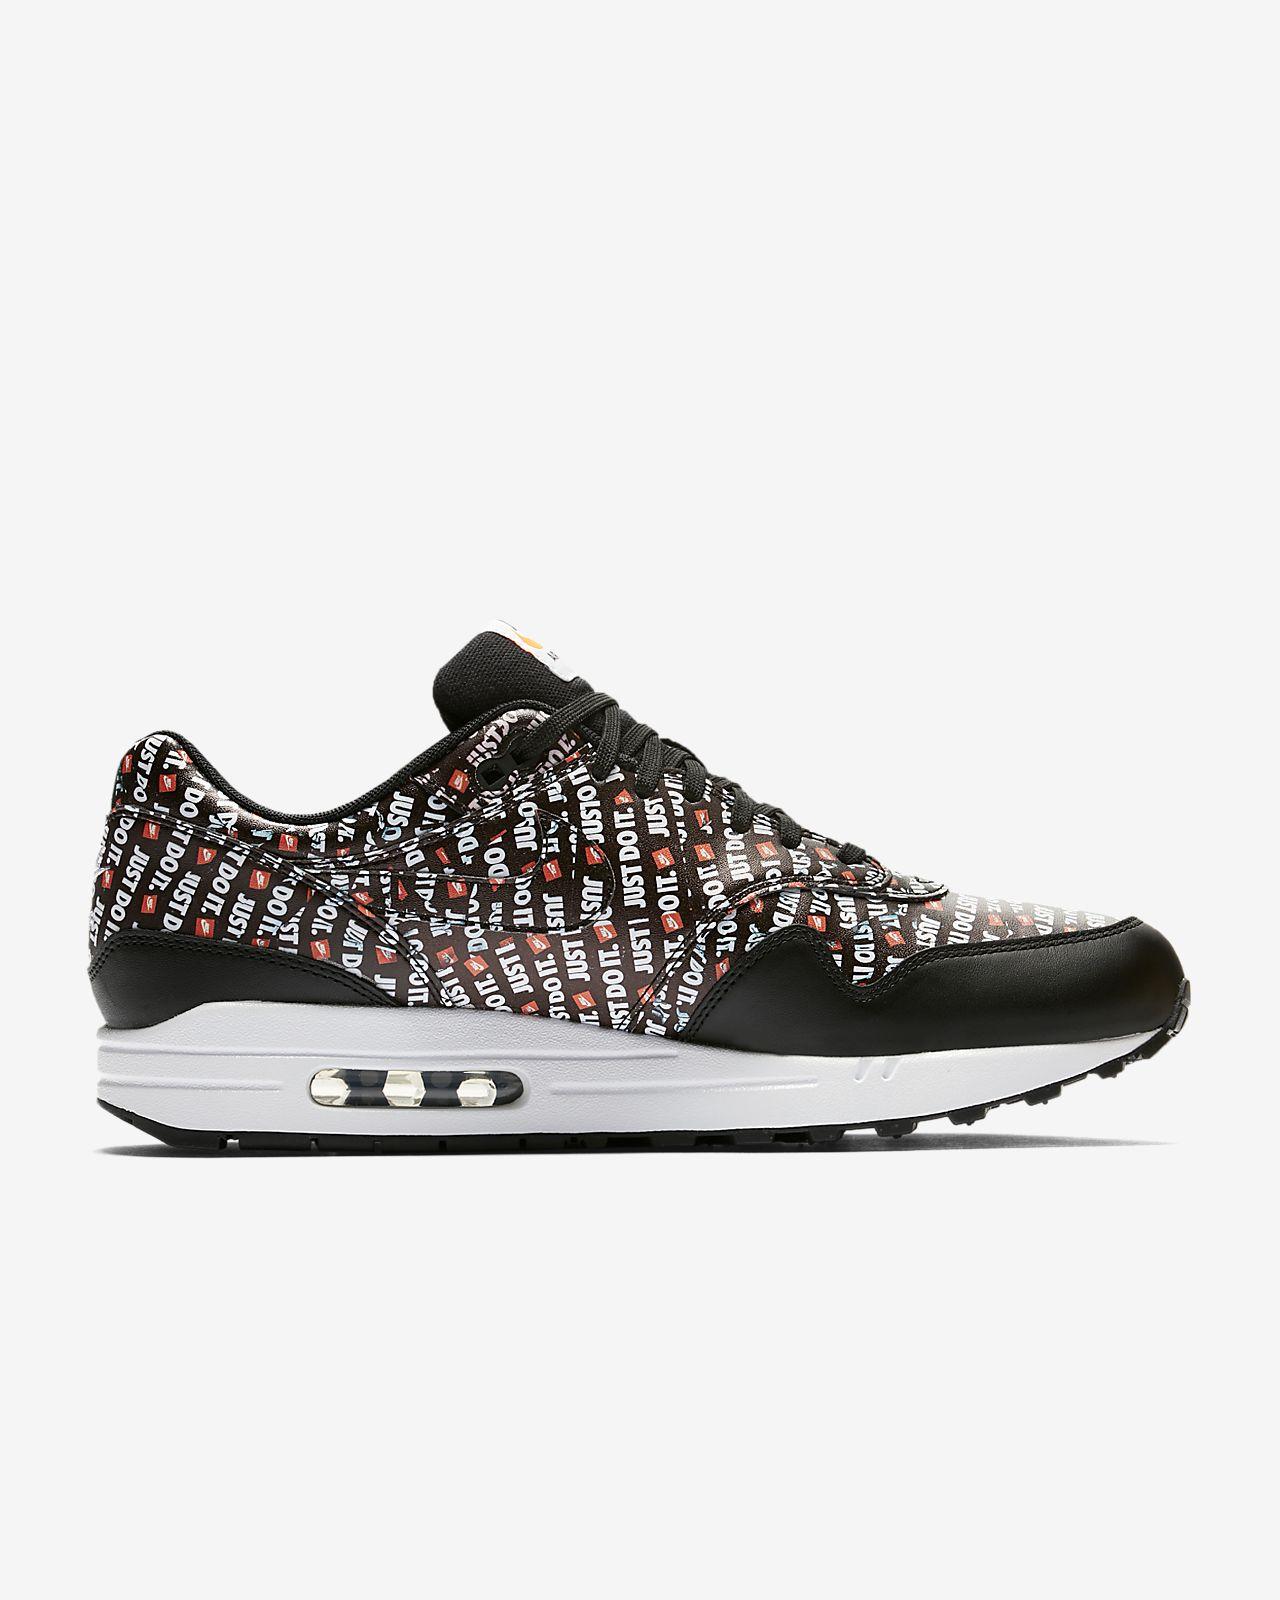 cd08d816cd4 Nike Air Max 1 Premium Men s Shoe. Nike.com GB